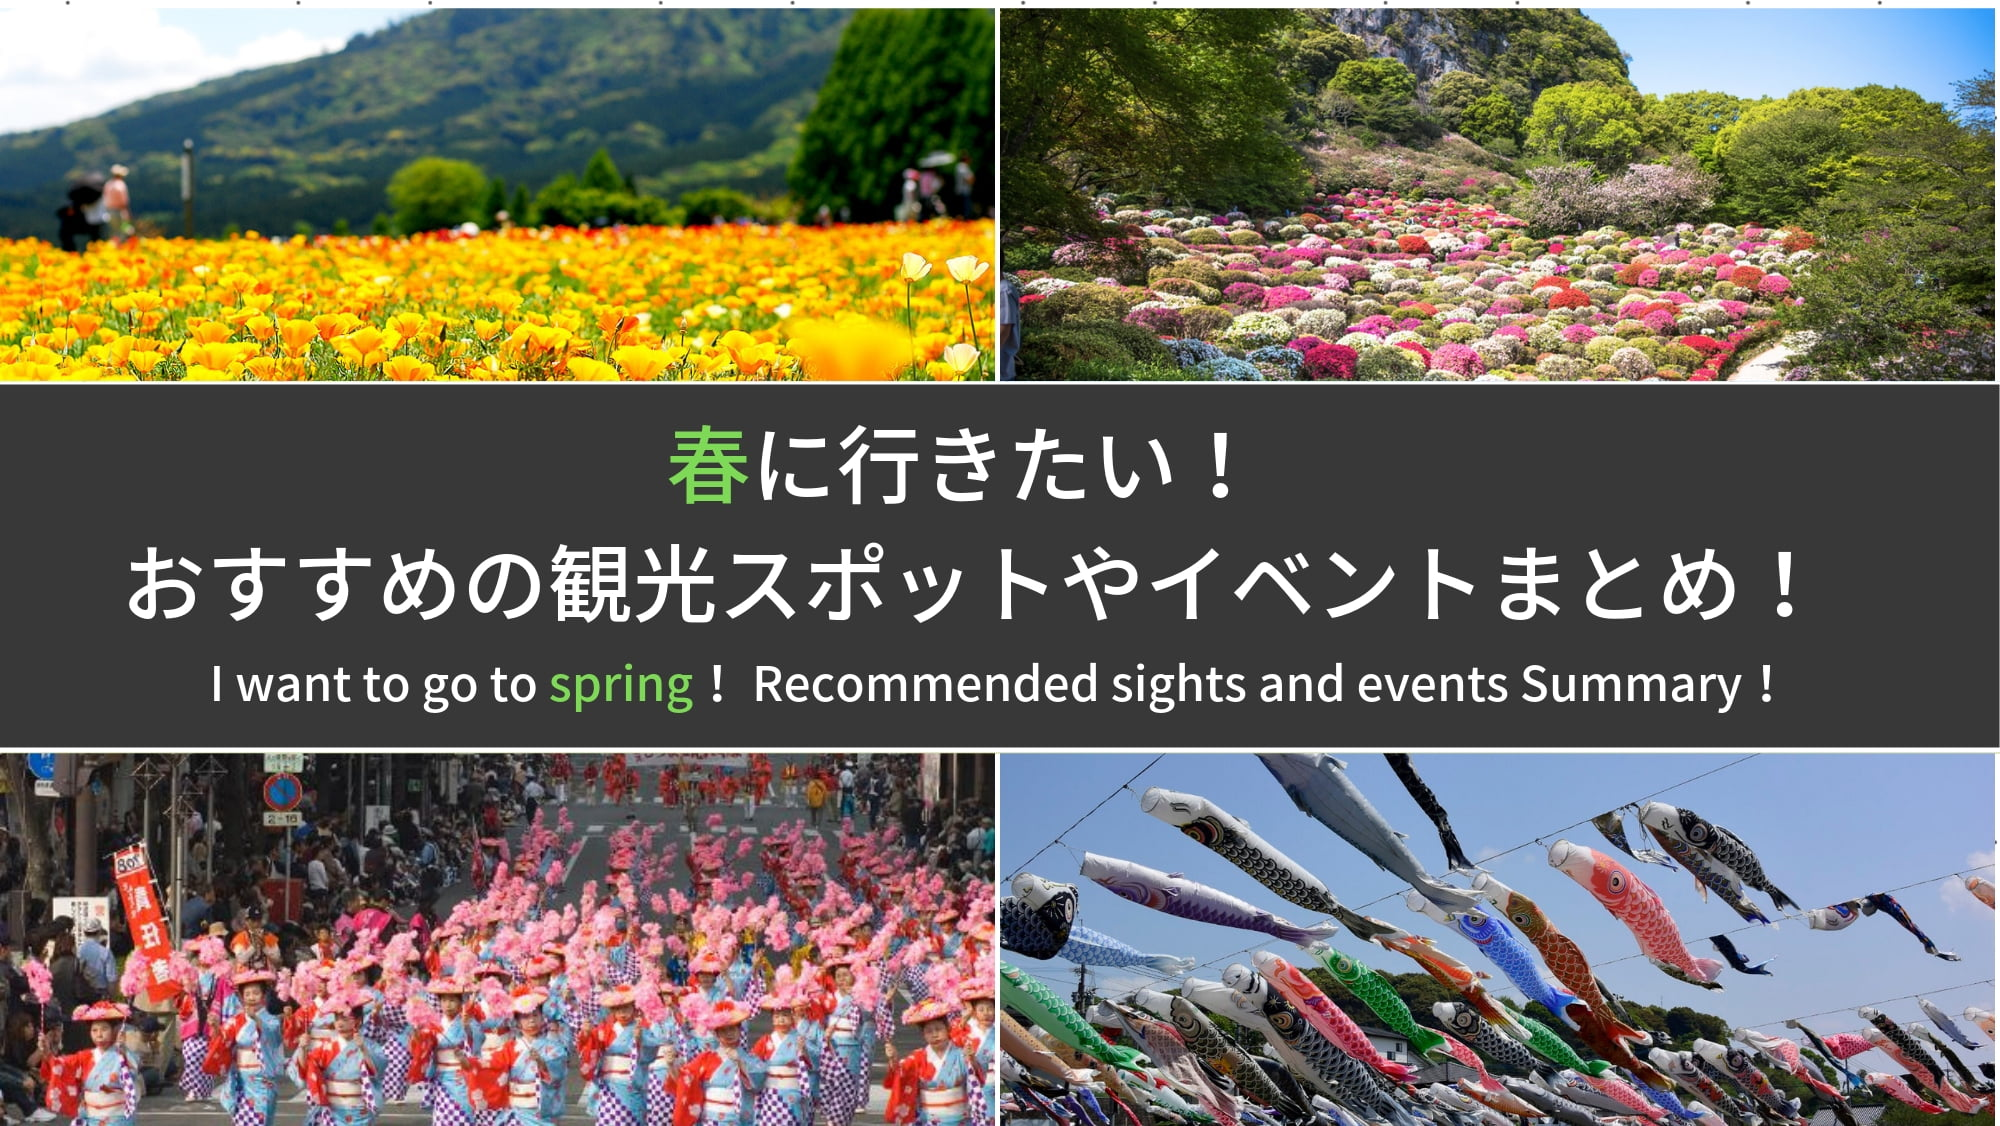 【九州】春に行きたいおすすめの観光スポットやイベントまとめ!